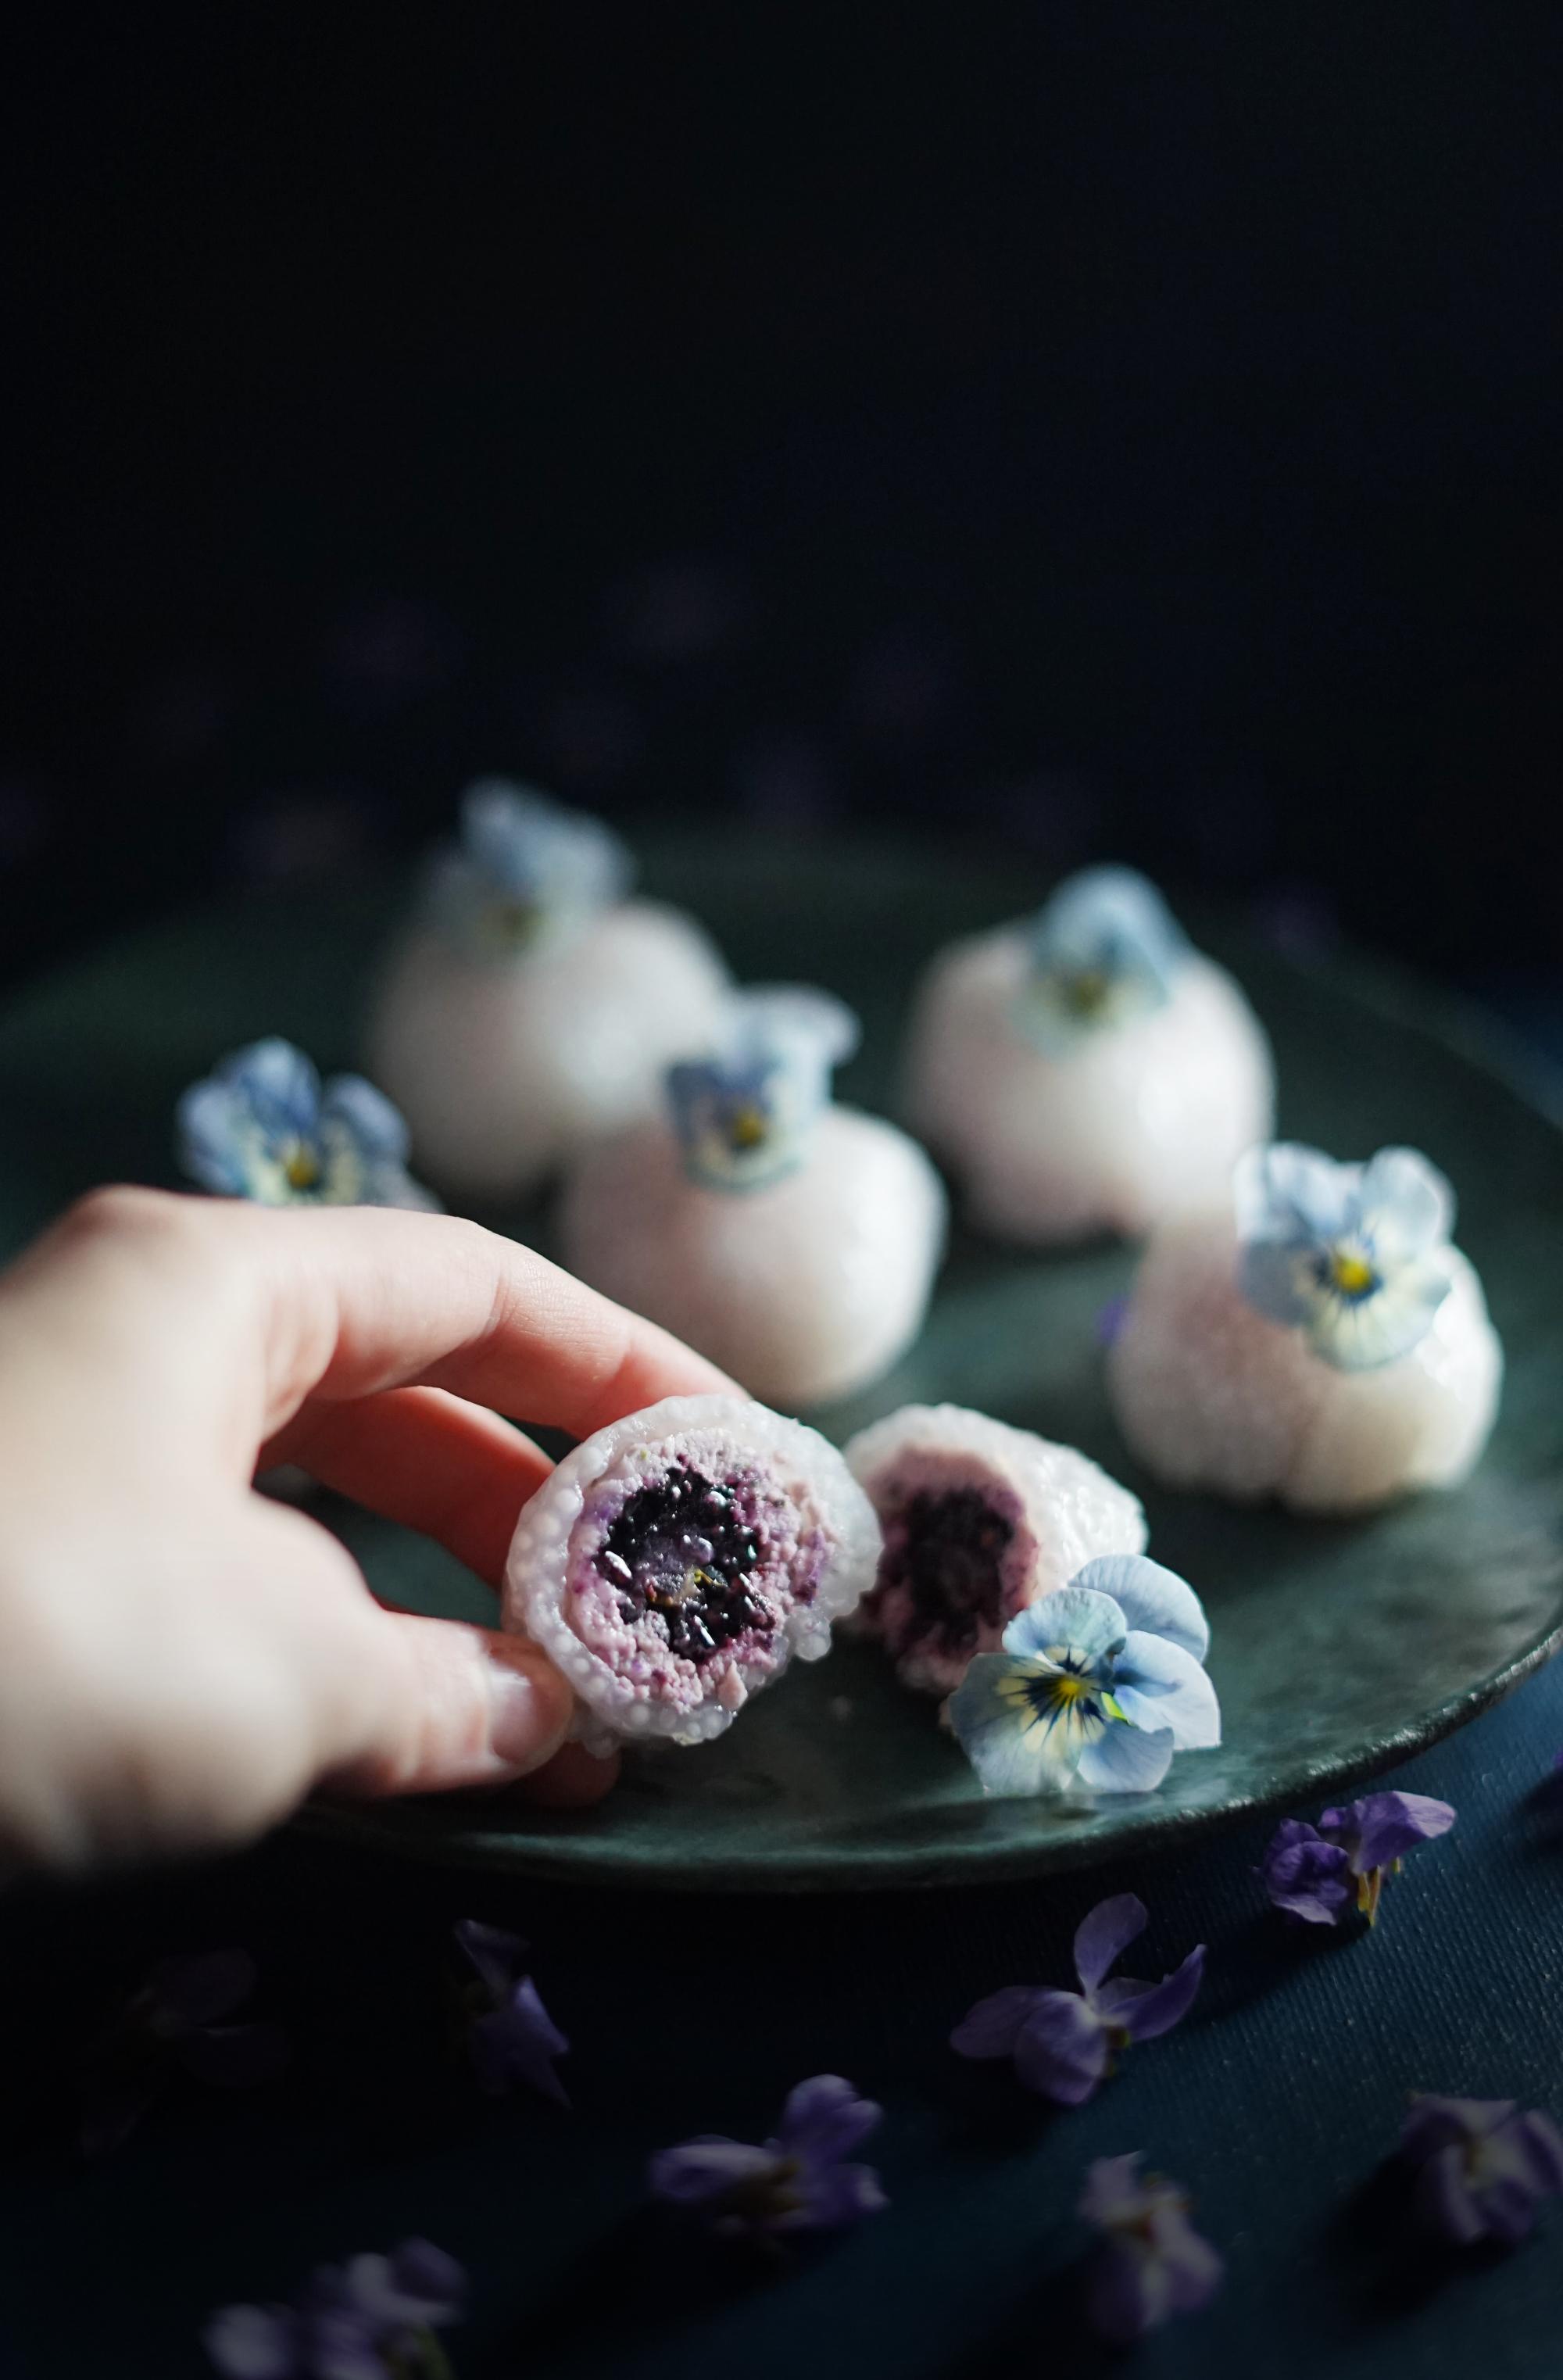 violetballs4small.jpg